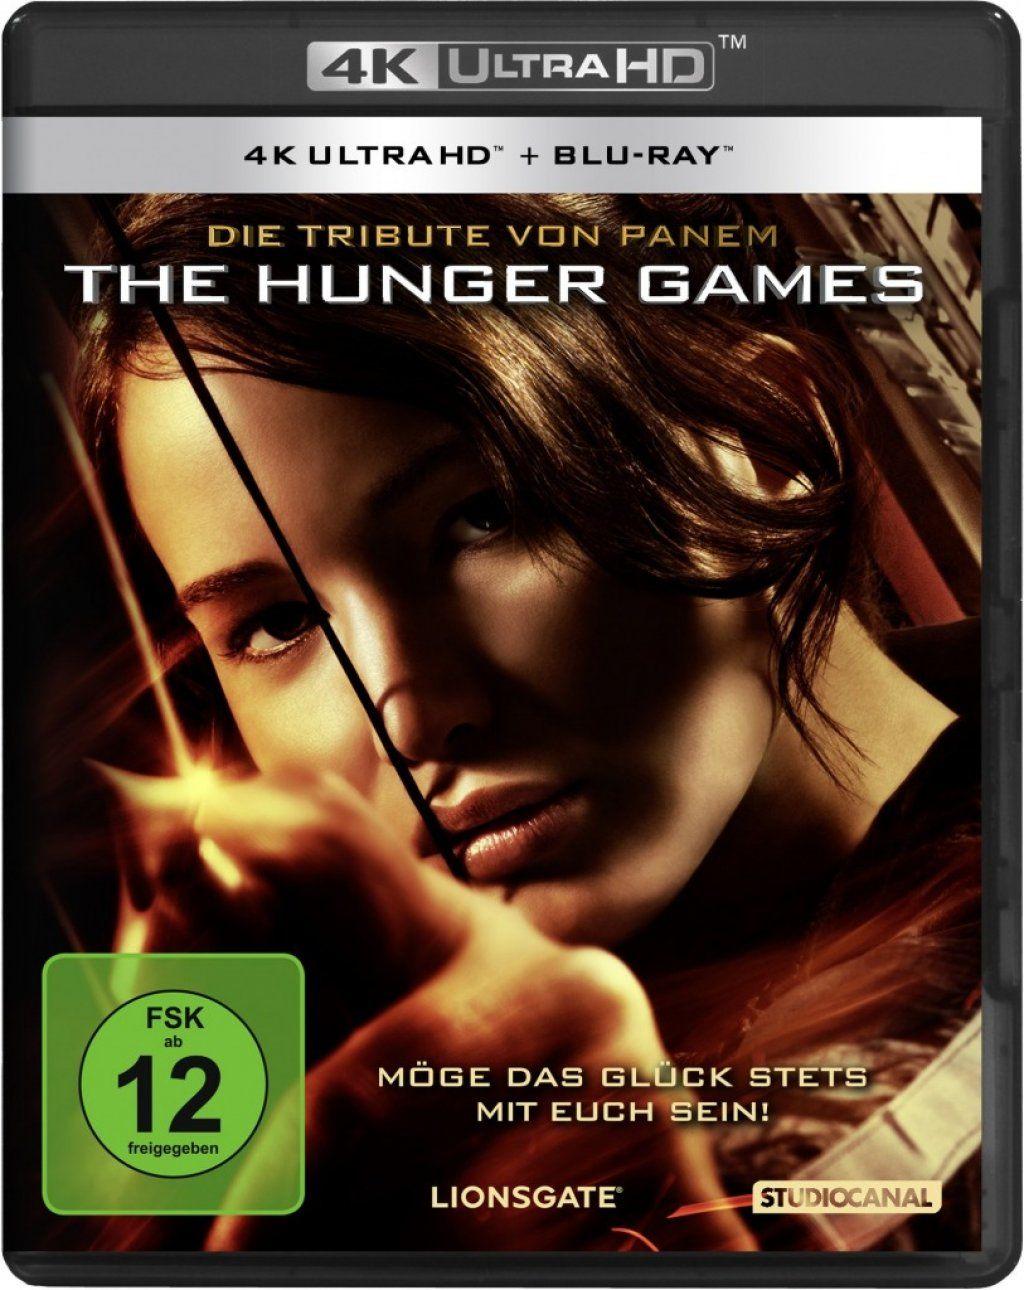 Tribute von Panem, Die - The Hunger Games (2 Discs) (UHD BLURAY + BLURAY)